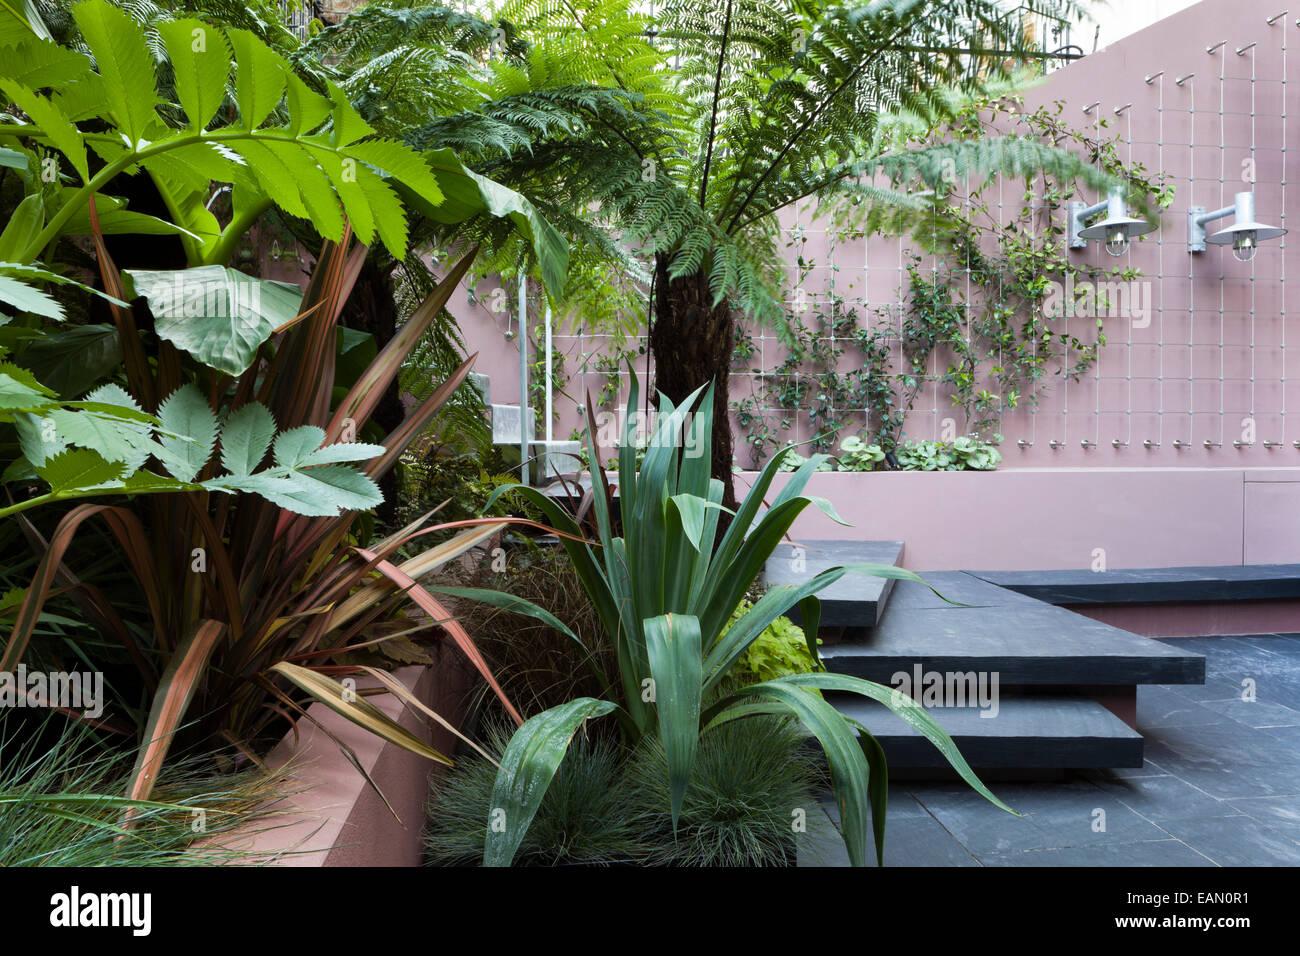 Patio Garten Im Untergeschoss Zeigt Abschnitt Der Hochbeet Und